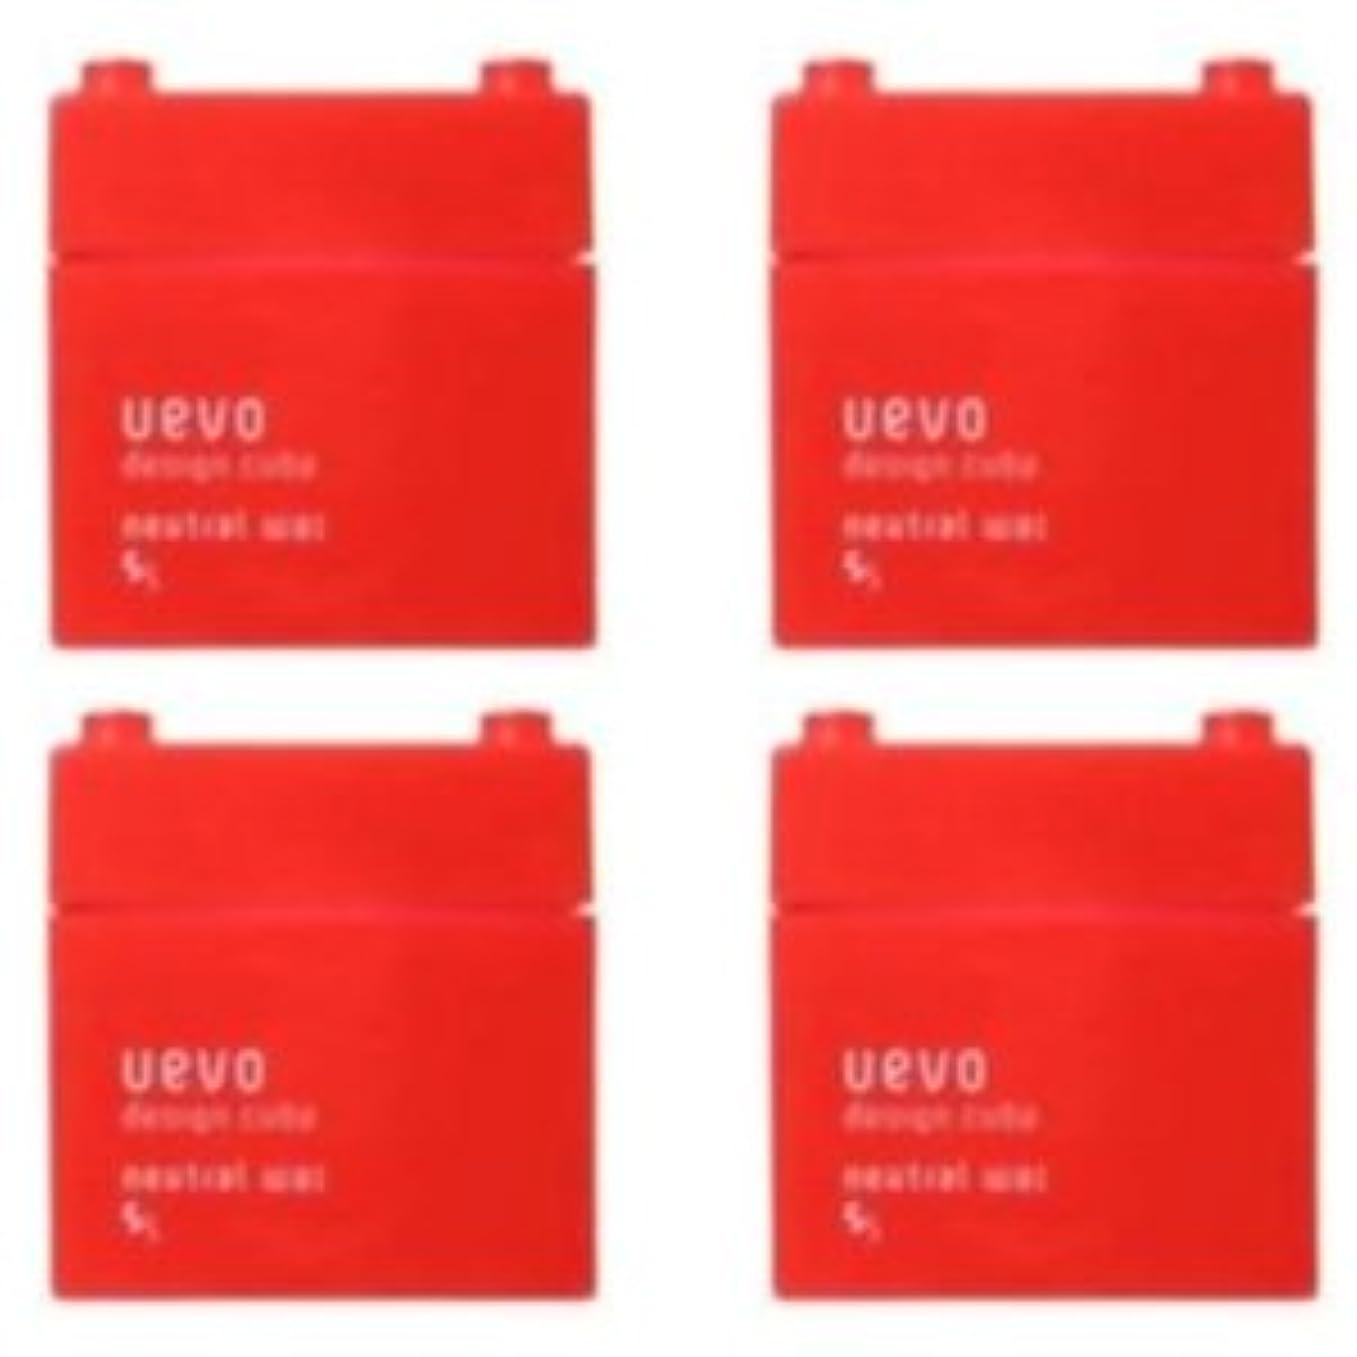 愛人ハブアナリスト【X4個セット】 デミ ウェーボ デザインキューブ ニュートラルワックス 80g neutral wax DEMI uevo design cube